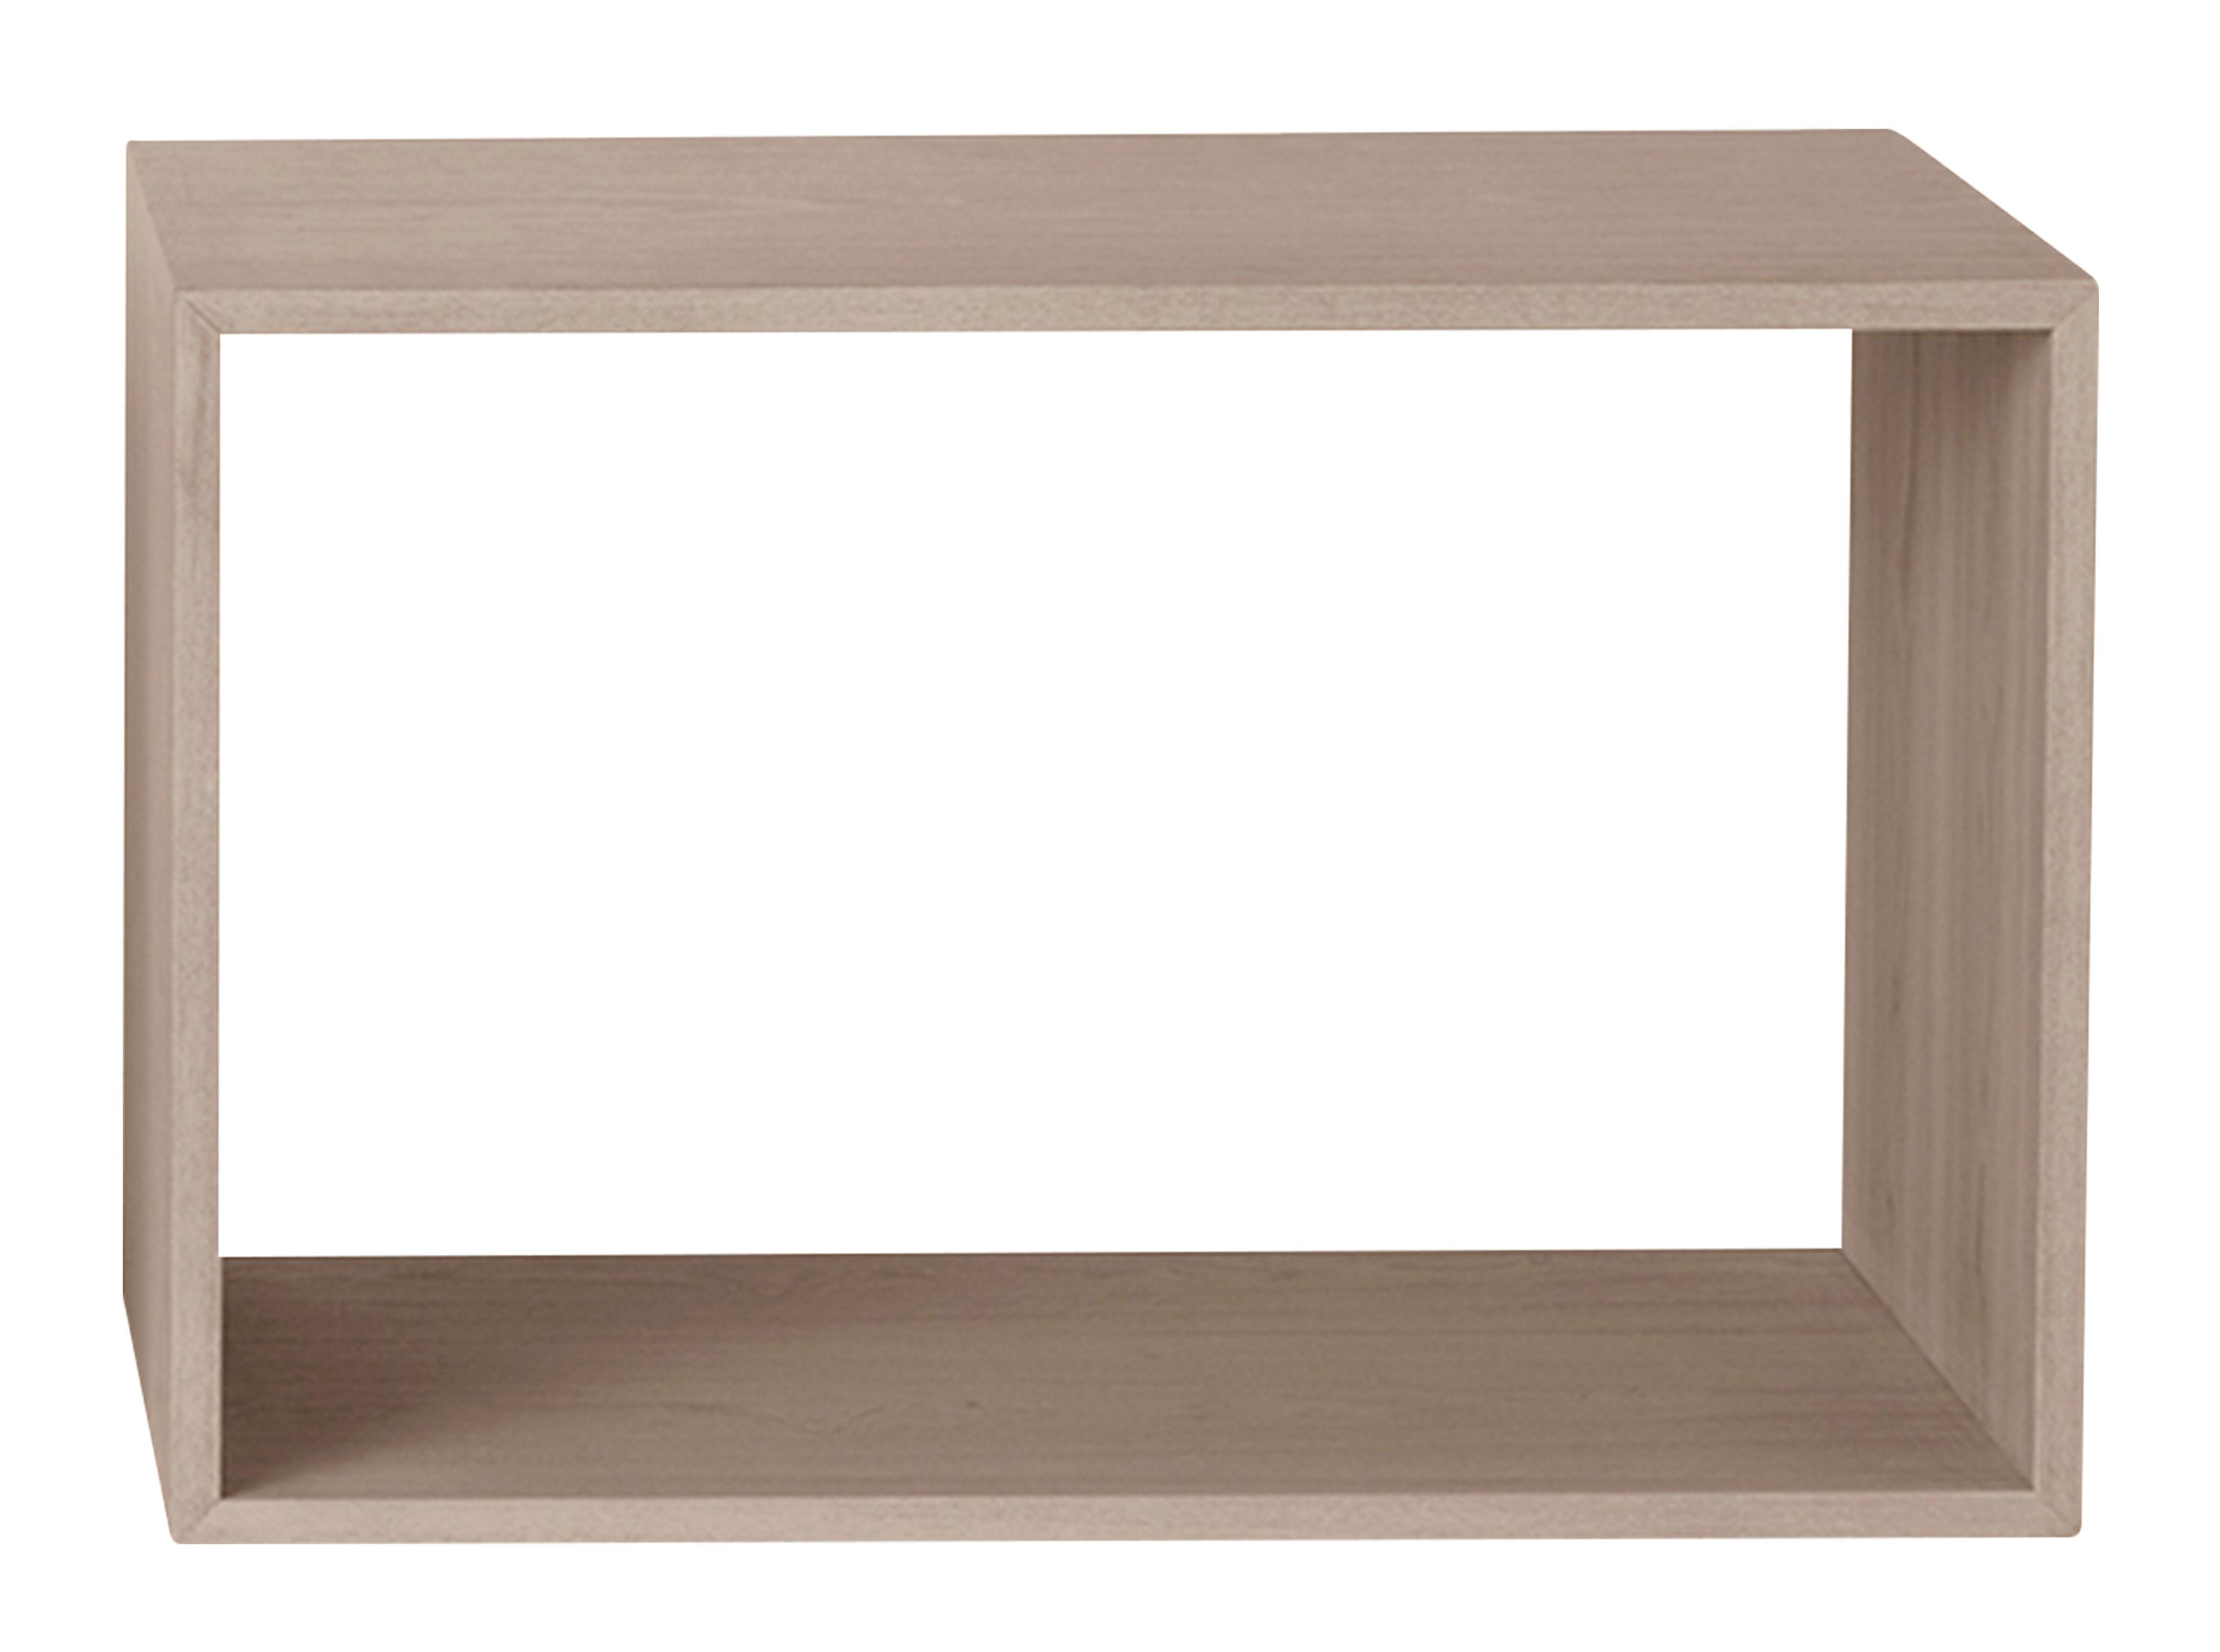 Mobilier - Etagères & bibliothèques - Etagère Stacked 2.0 / Large rectangulaire 65x43 cm / Sans fond - Muuto - Chêne - MDF placage chêne